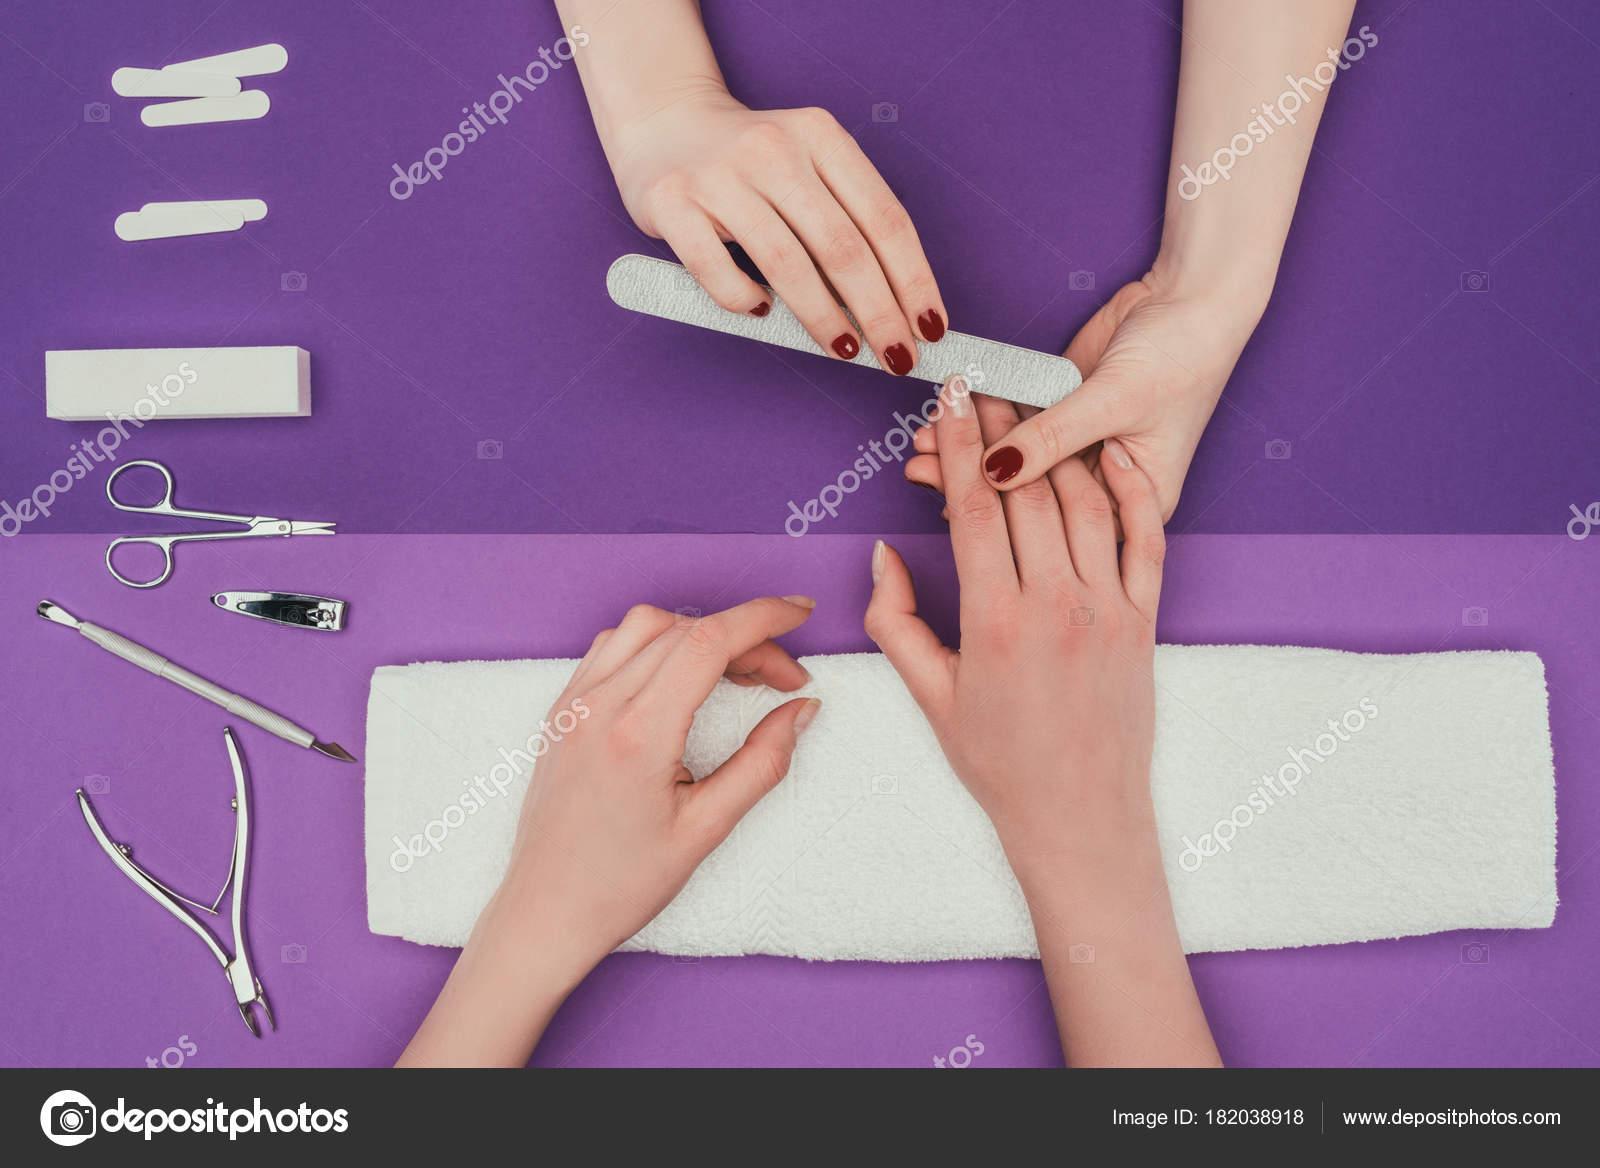 Bild Der Maniküre Feilen Der Nägel Mit Einer Nagelfeile Beschnitten ...